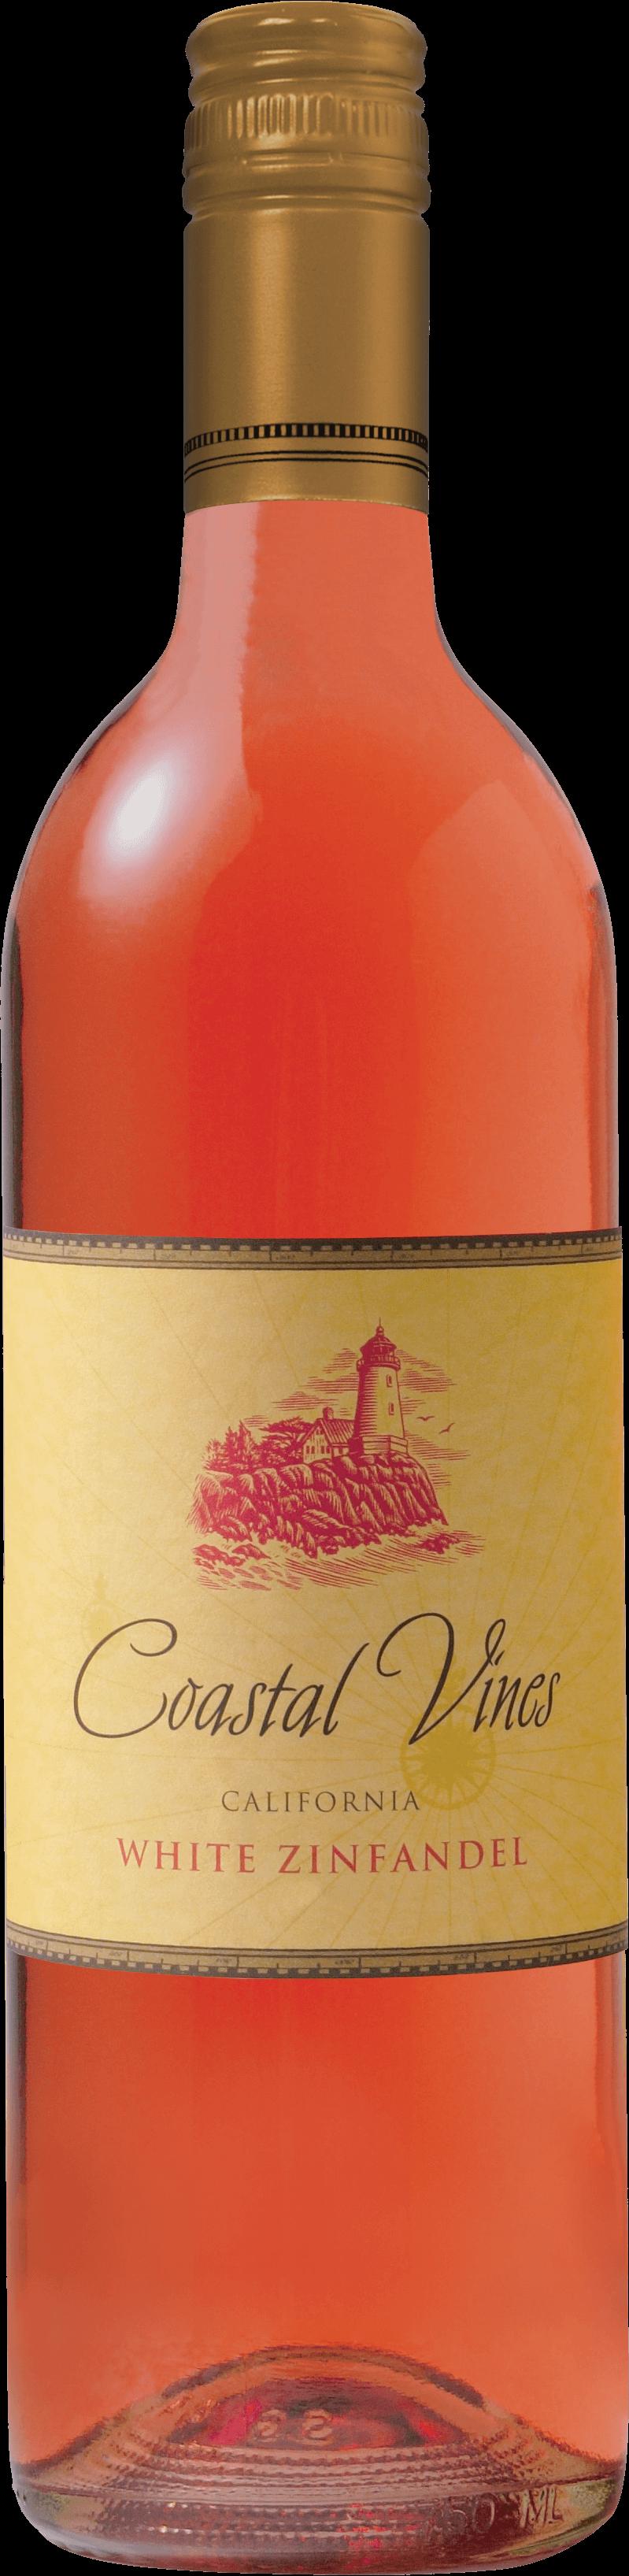 Coastal Vines White Zinfandel Bottleshot